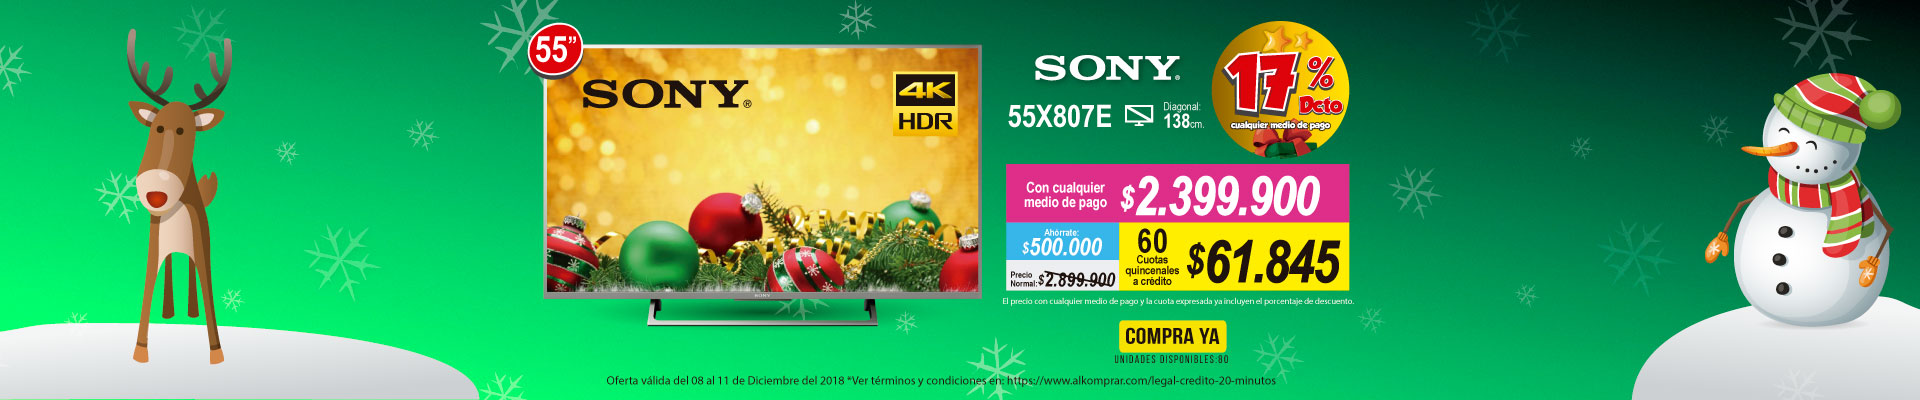 BP ALKP  SONY TV